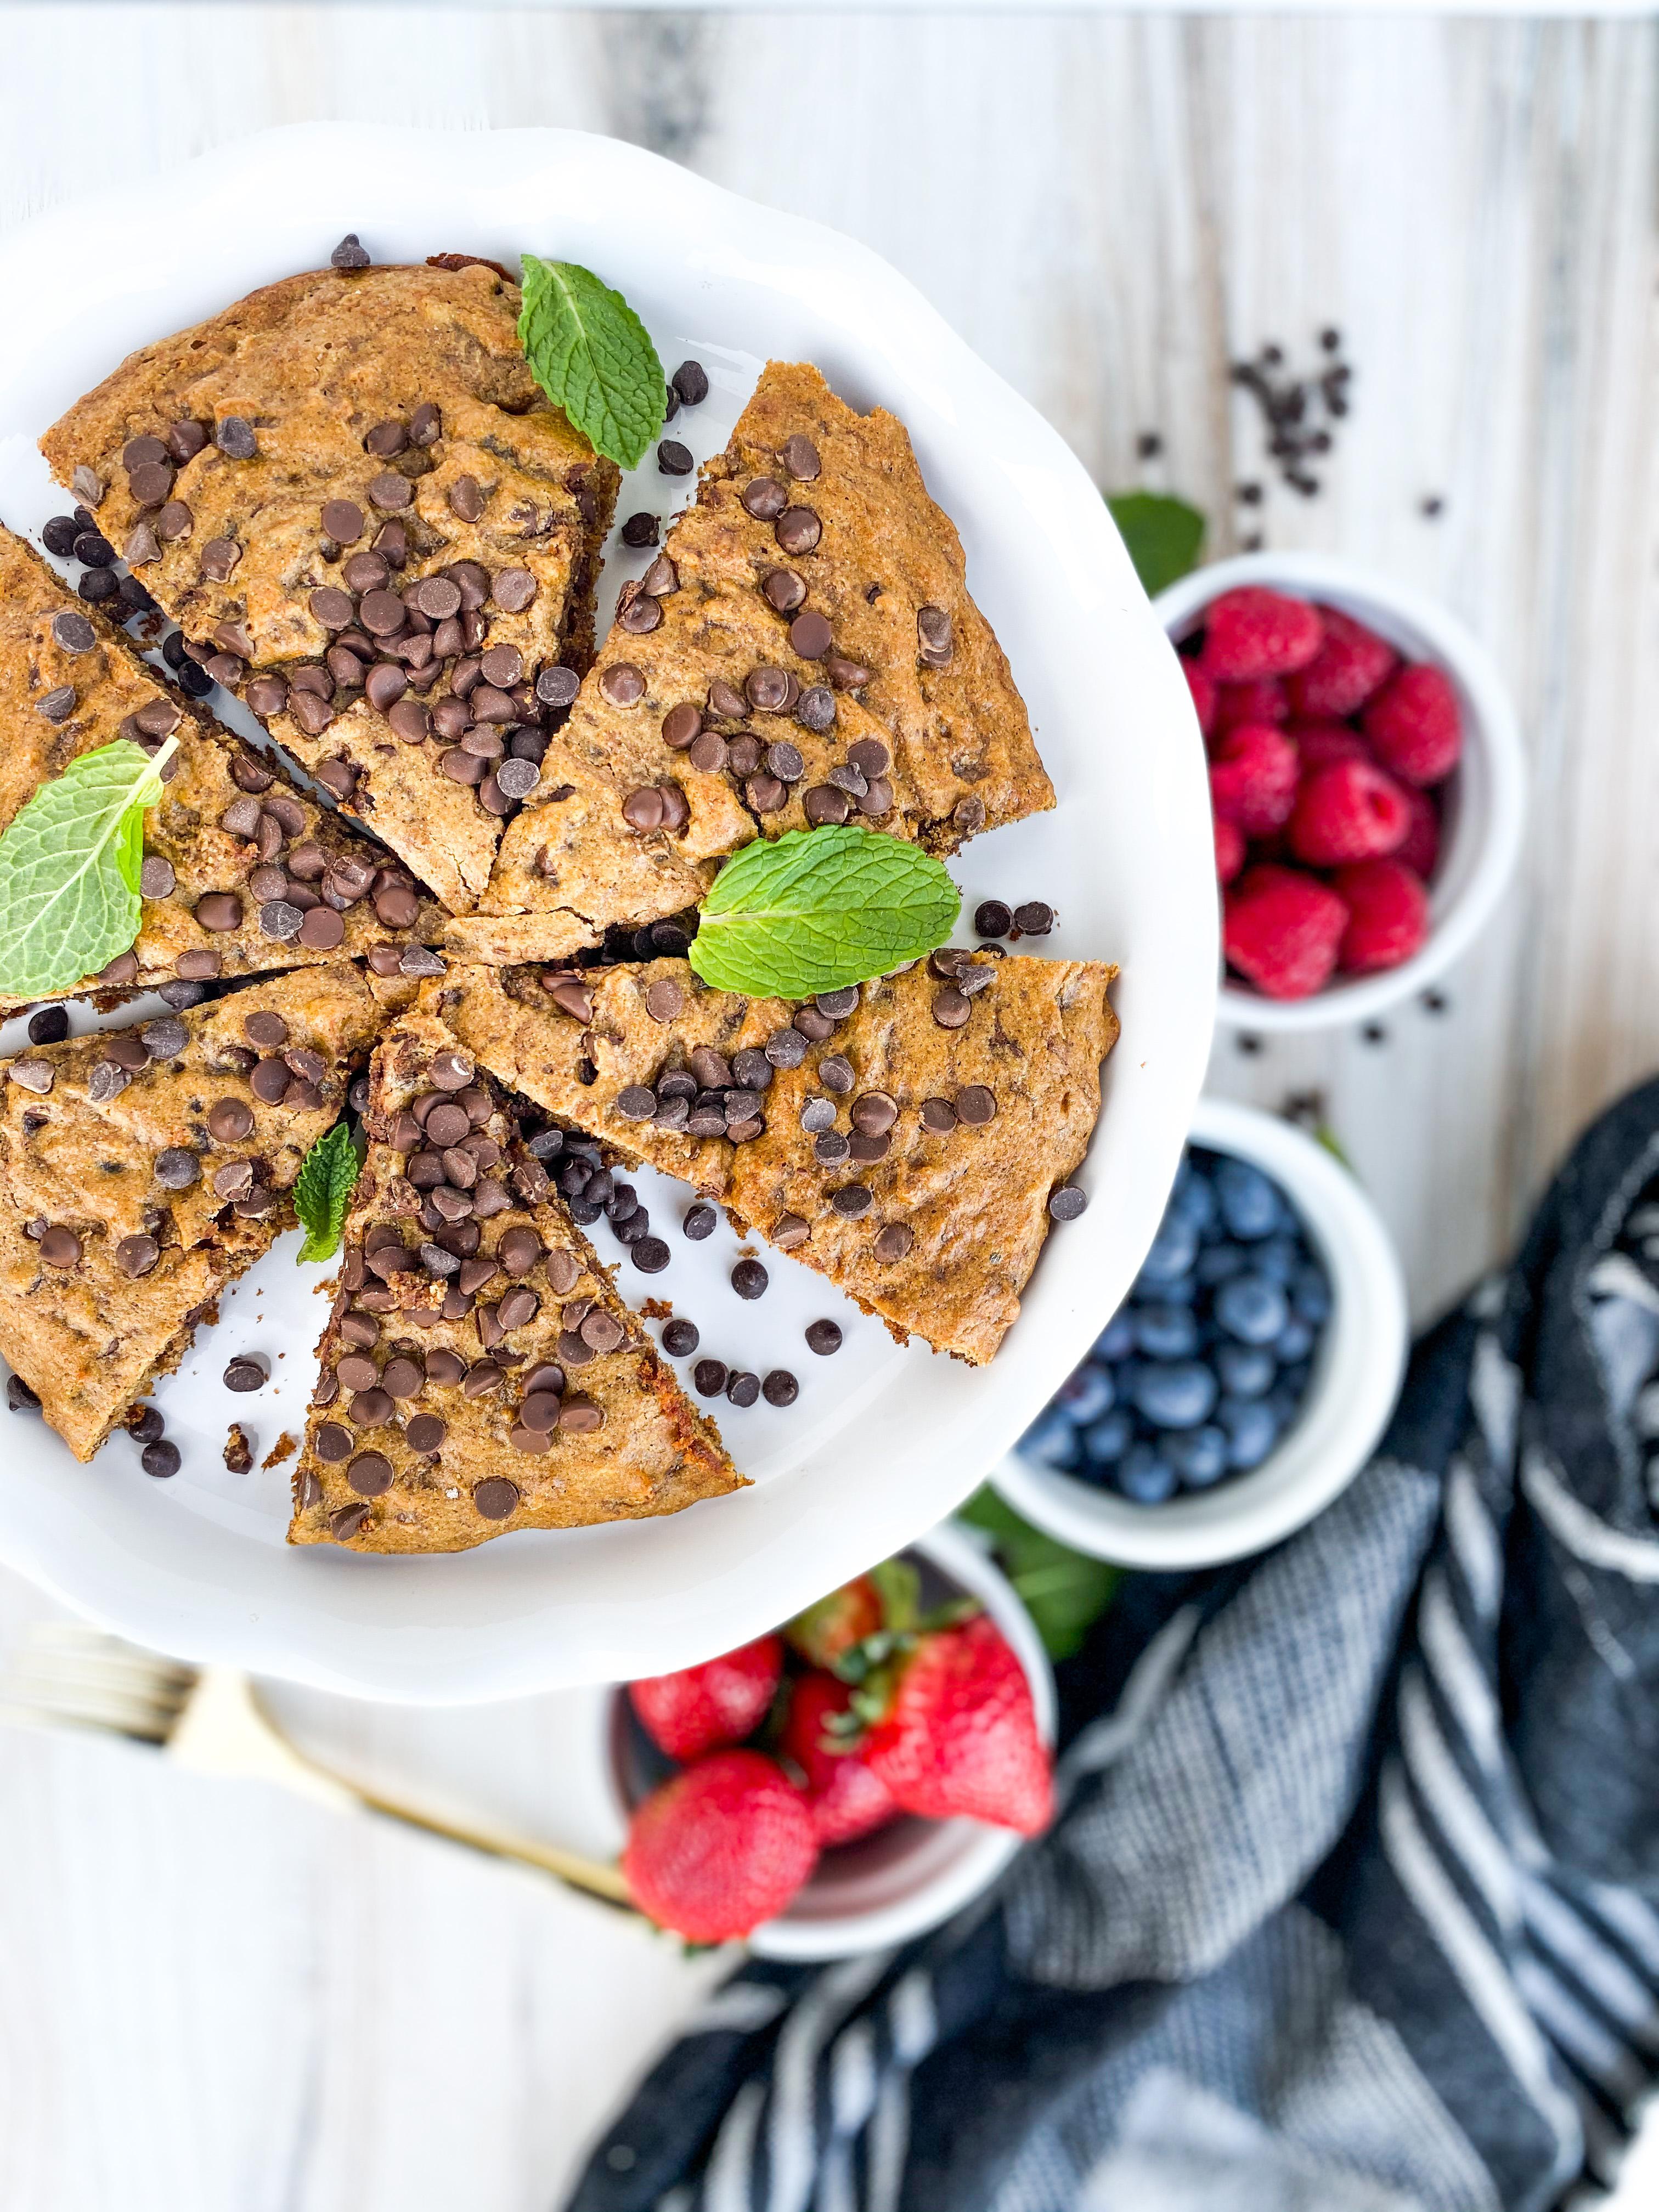 Skillet Almond Butter & Dark Chocolate Cookie